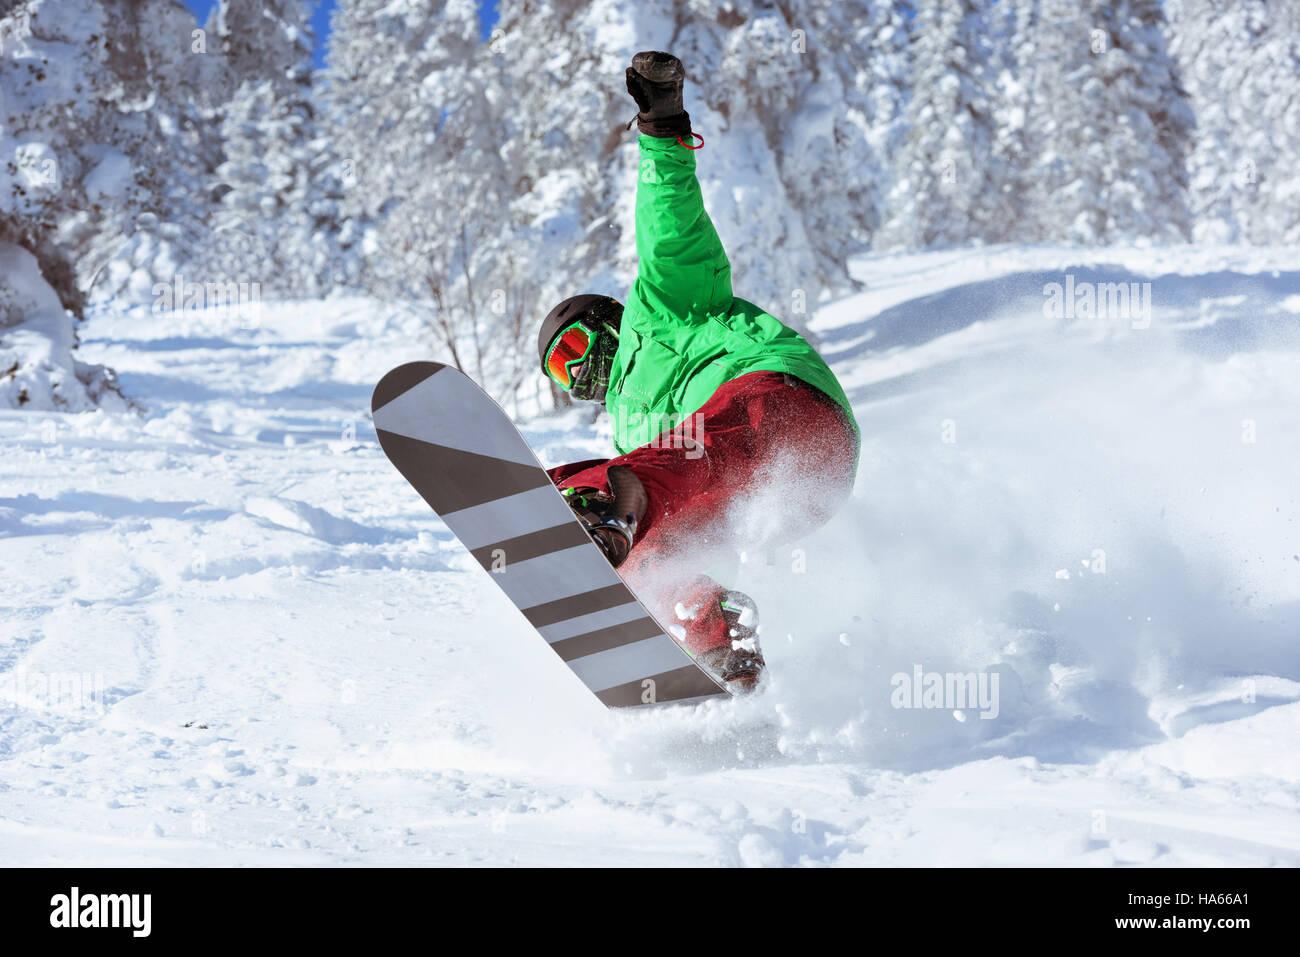 Snowboarder sciatore salti foresta freeride Immagini Stock